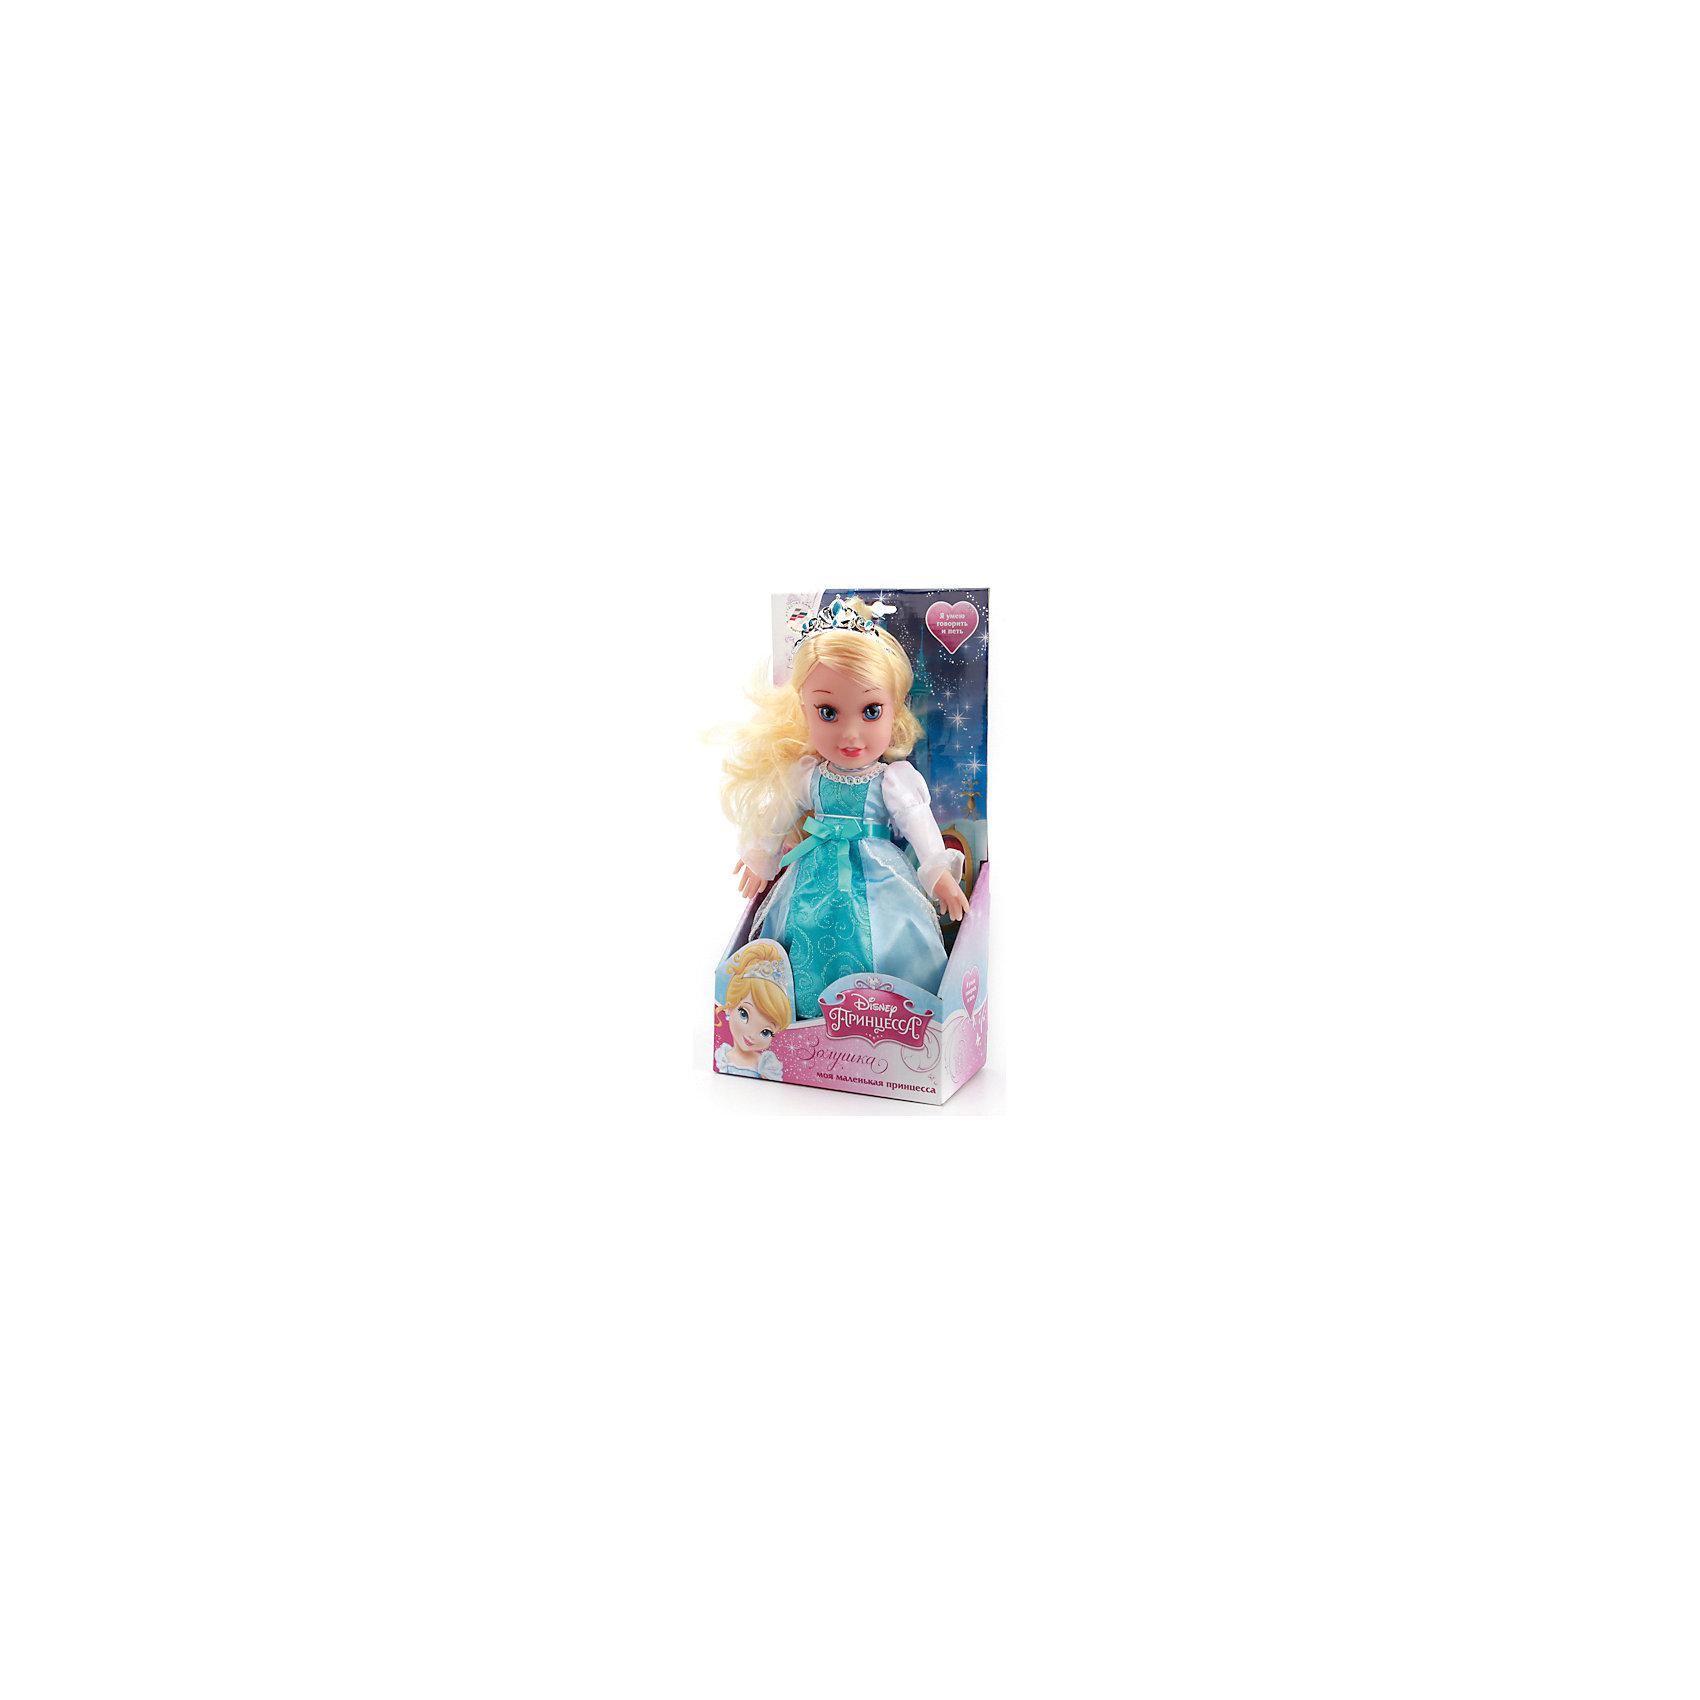 Кукла Золушка, 30 см, со звуком, Disney Princess, МУЛЬТИ-ПУЛЬТИКукла Золушка со звуком от марки МУЛЬТИ-ПУЛЬТИ<br><br>Озвученная кукла от отечественного производителя поможет ребенку проводить время весело и с пользой. Она сделана в виде принцессы из известной любимой детьми сказки. Нажав на нее, ребенок услышит разные фразы и песню. Золушка умеет моргать.<br>Размер куклы универсален - 30 сантиметров, её удобно брать с собой в поездки и на прогулку. Сделана игрушка из качественных и безопасных для ребенка материалов: тело - мягкое, голова - пластмассовая. <br><br>Отличительные особенности игрушки:<br><br>- материал: текстиль, наполнитель, пластик, металл;<br>- звуковой модуль;<br>- язык: русский;<br>- моргает;<br>- работает на батарейках;<br>- упаковка: коробка;<br>- высота: 30 см.<br><br>Куклу Золушка со звуком от марки МУЛЬТИ-ПУЛЬТИ можно купить в нашем магазине.<br><br>Ширина мм: 650<br>Глубина мм: 380<br>Высота мм: 750<br>Вес г: 430<br>Возраст от месяцев: 36<br>Возраст до месяцев: 84<br>Пол: Женский<br>Возраст: Детский<br>SKU: 4659498